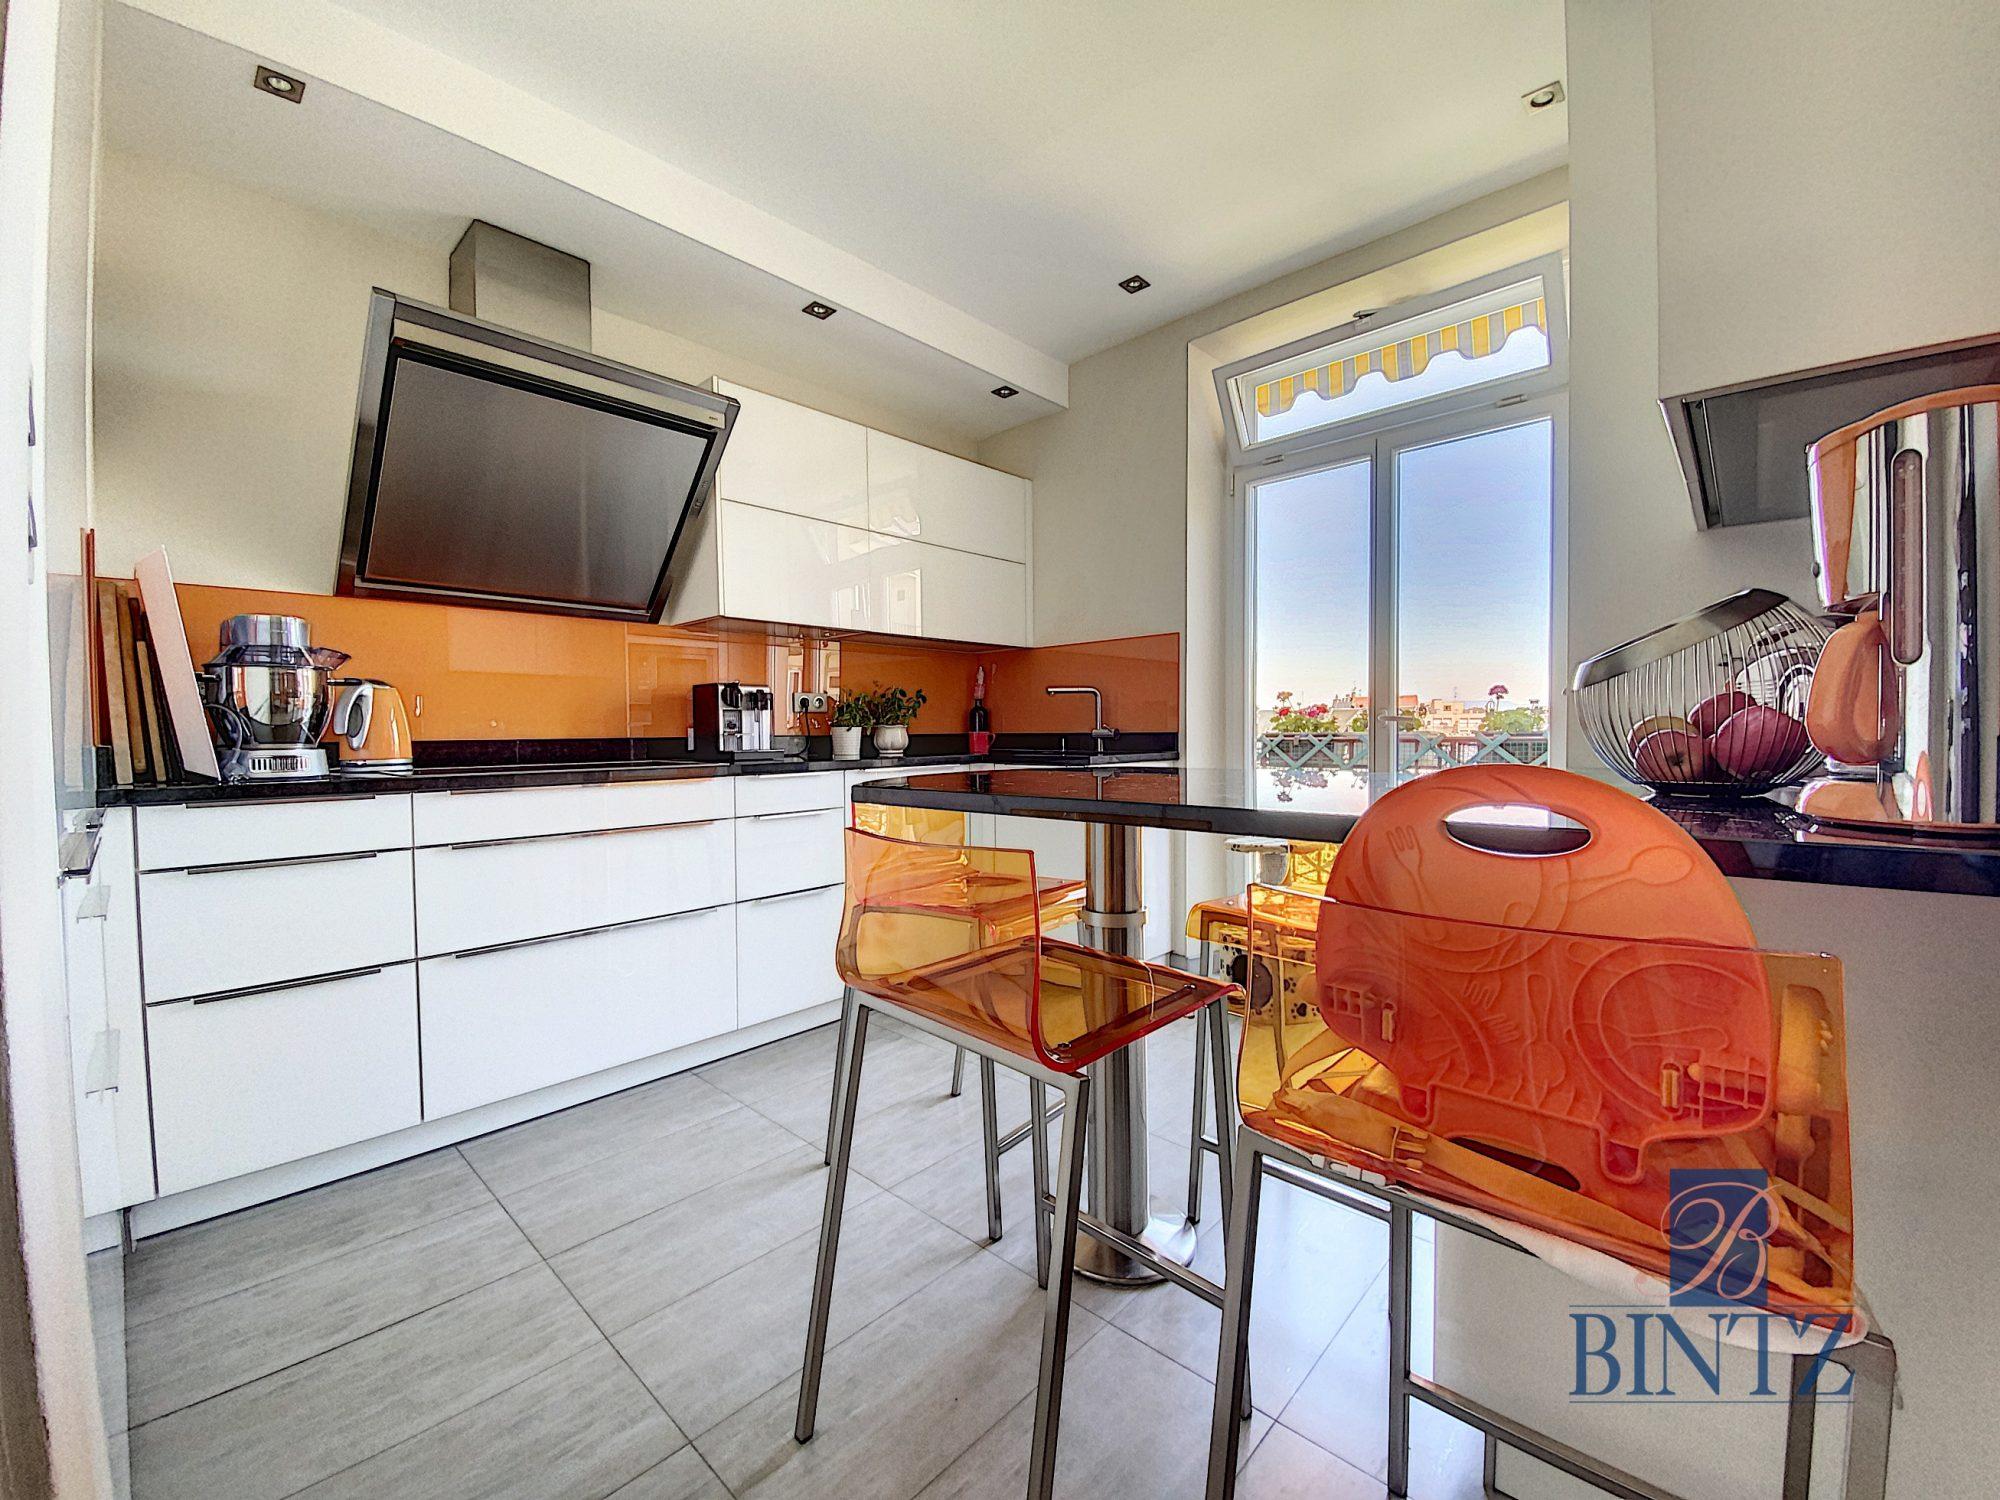 5 PIÈCES QUARTIER DES HALLES - Devenez propriétaire en toute confiance - Bintz Immobilier - 8